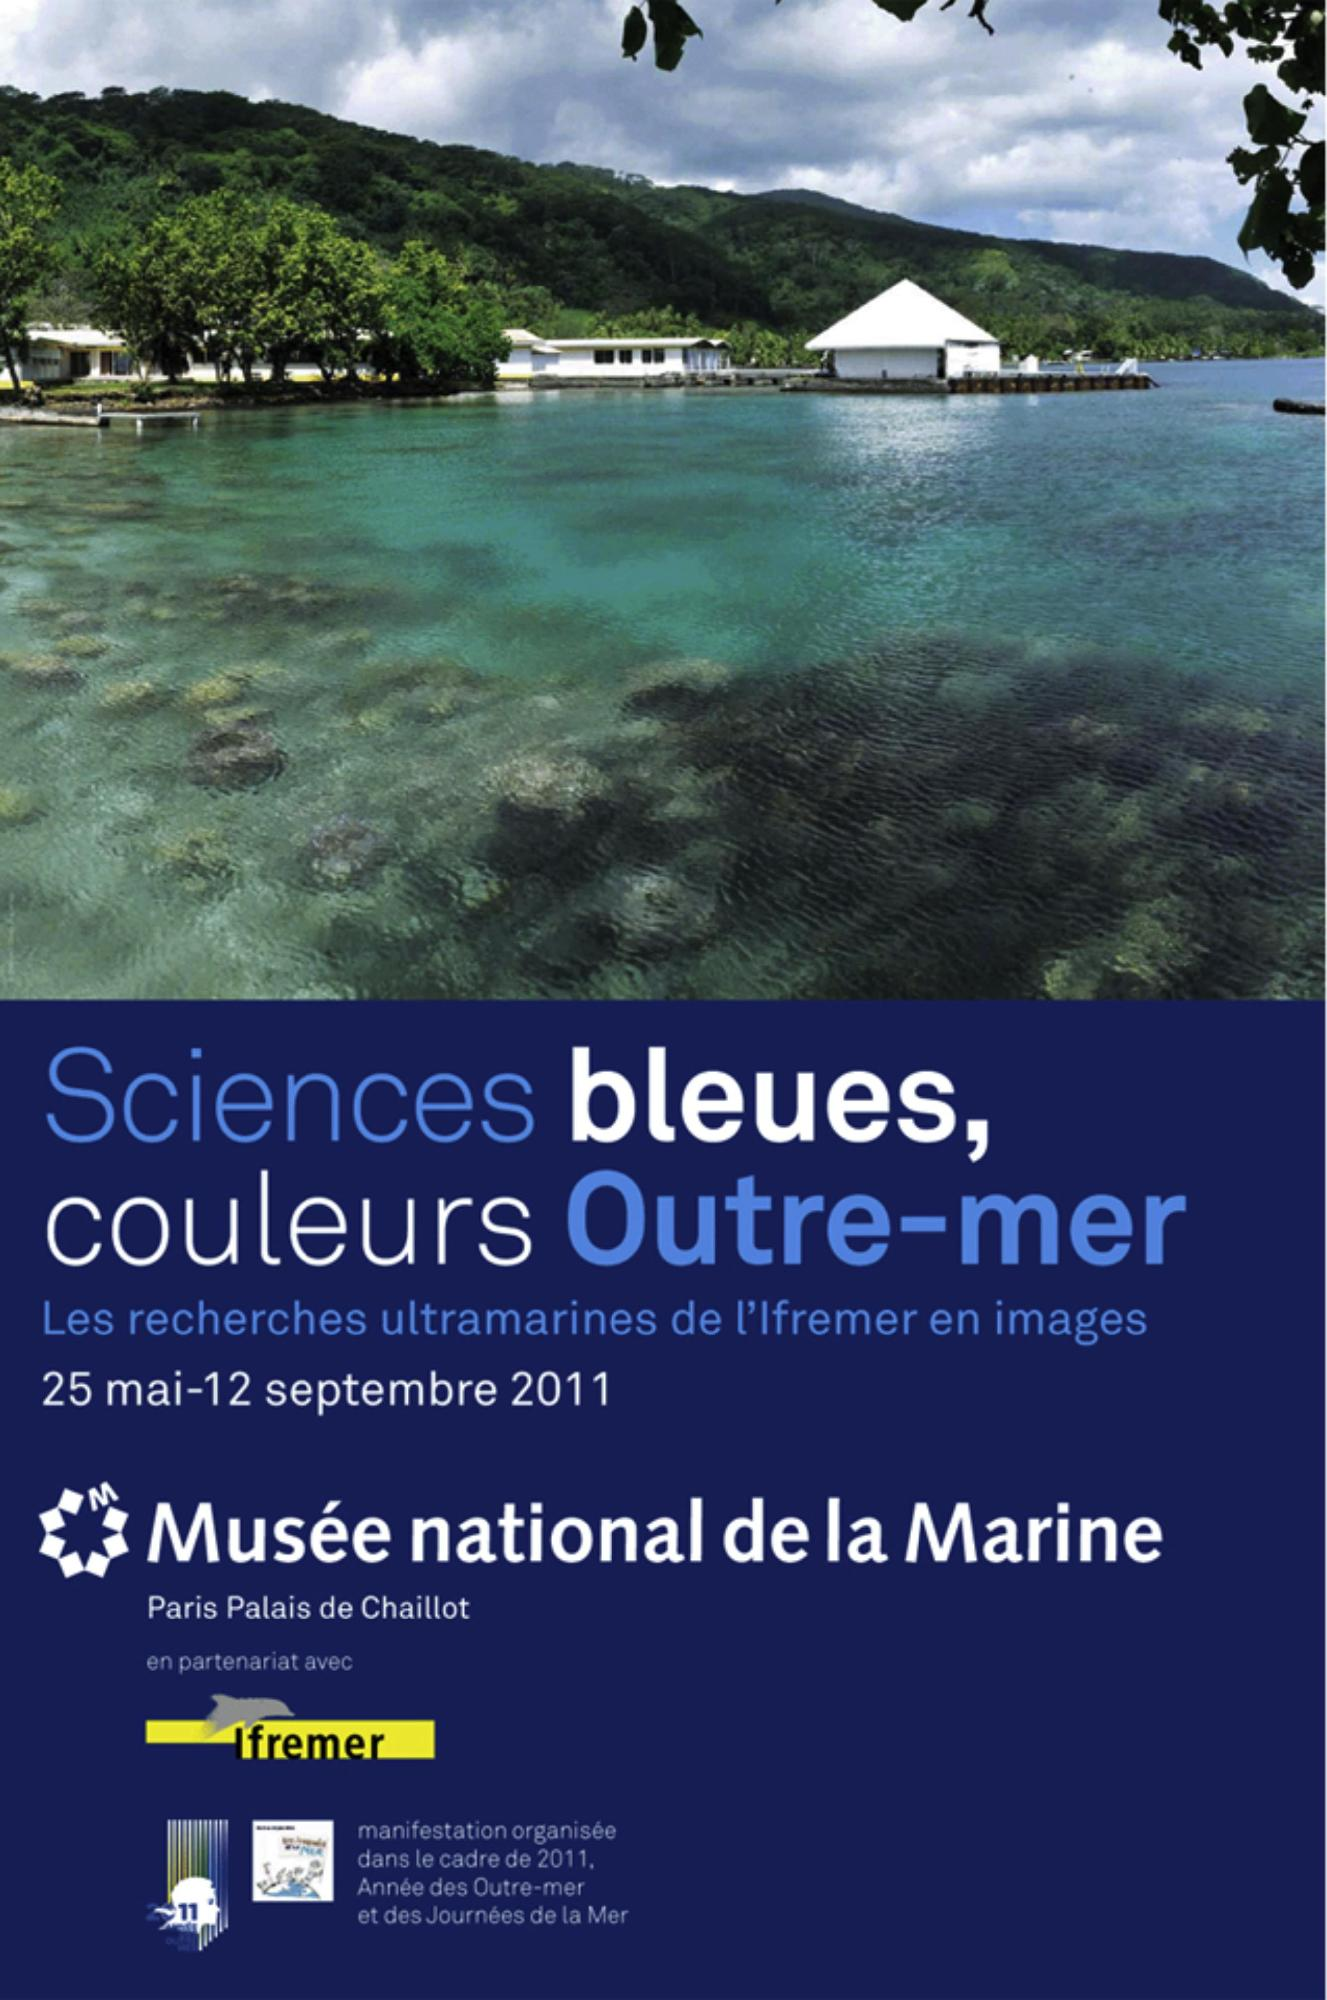 Sciences bleues, couleurs Outre-mer  à Paris